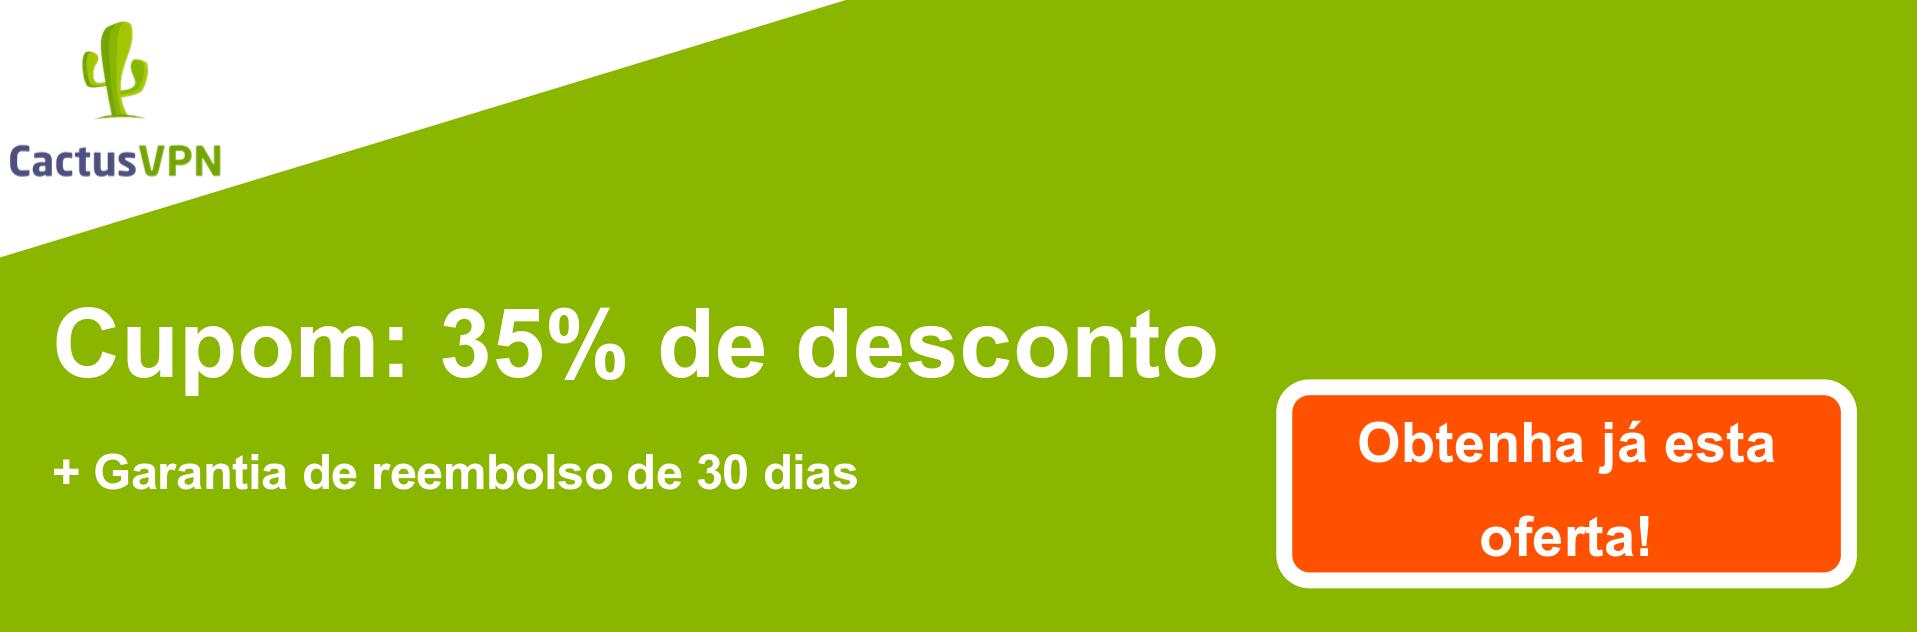 Banner de cupom CactusVPN - 38% de desconto